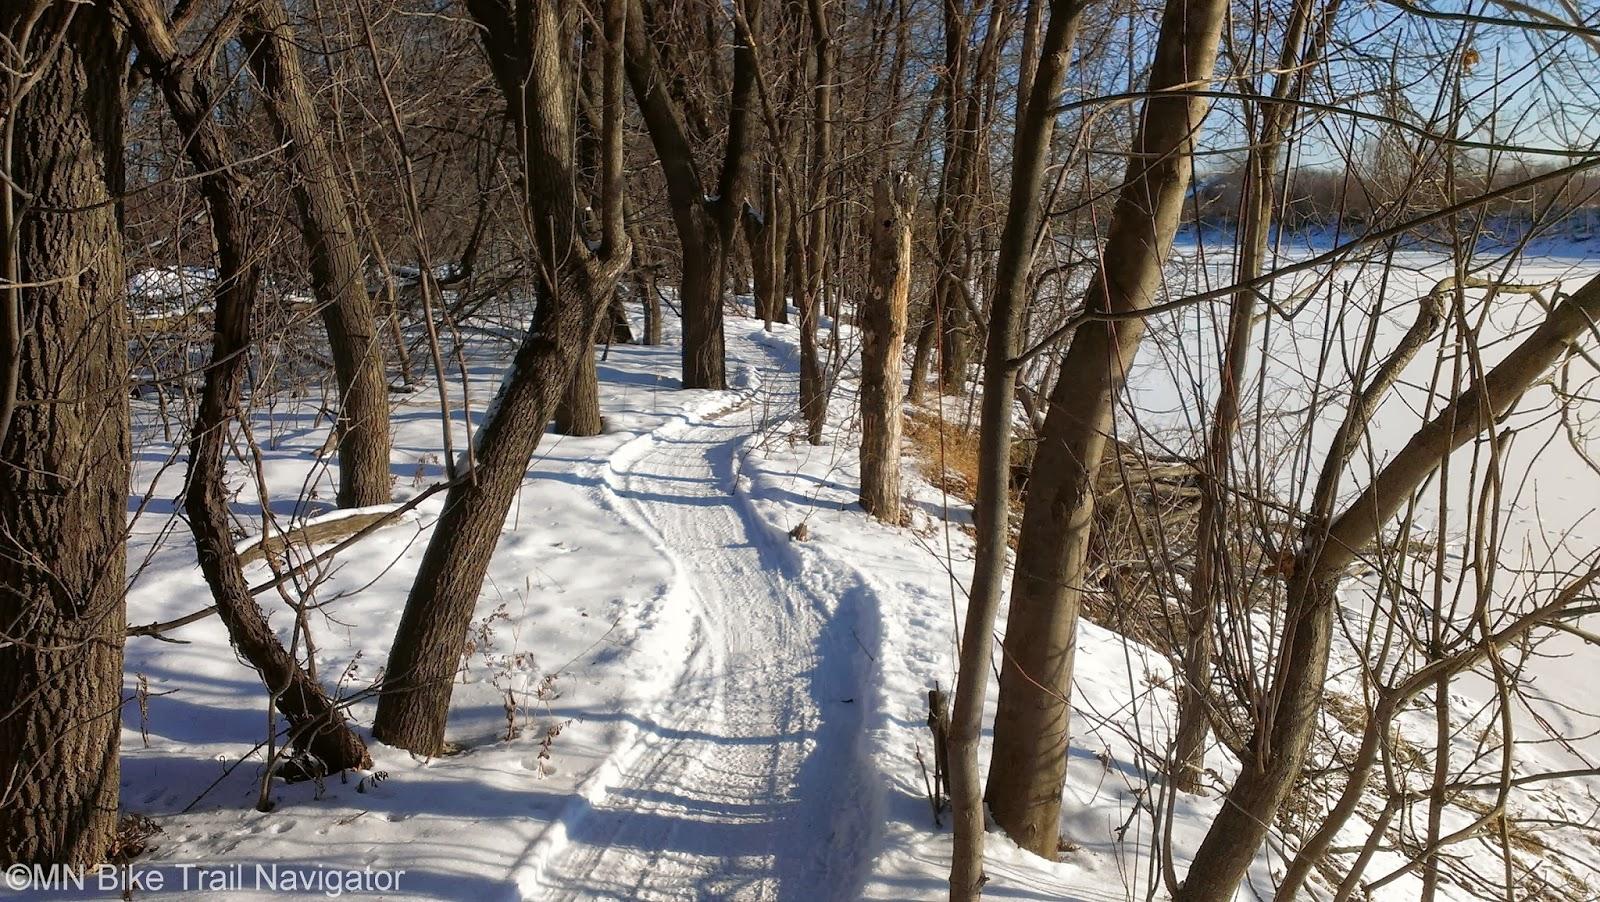 Mn Bike Trail Navigator Winter 13 14 Minnesota Fatbike